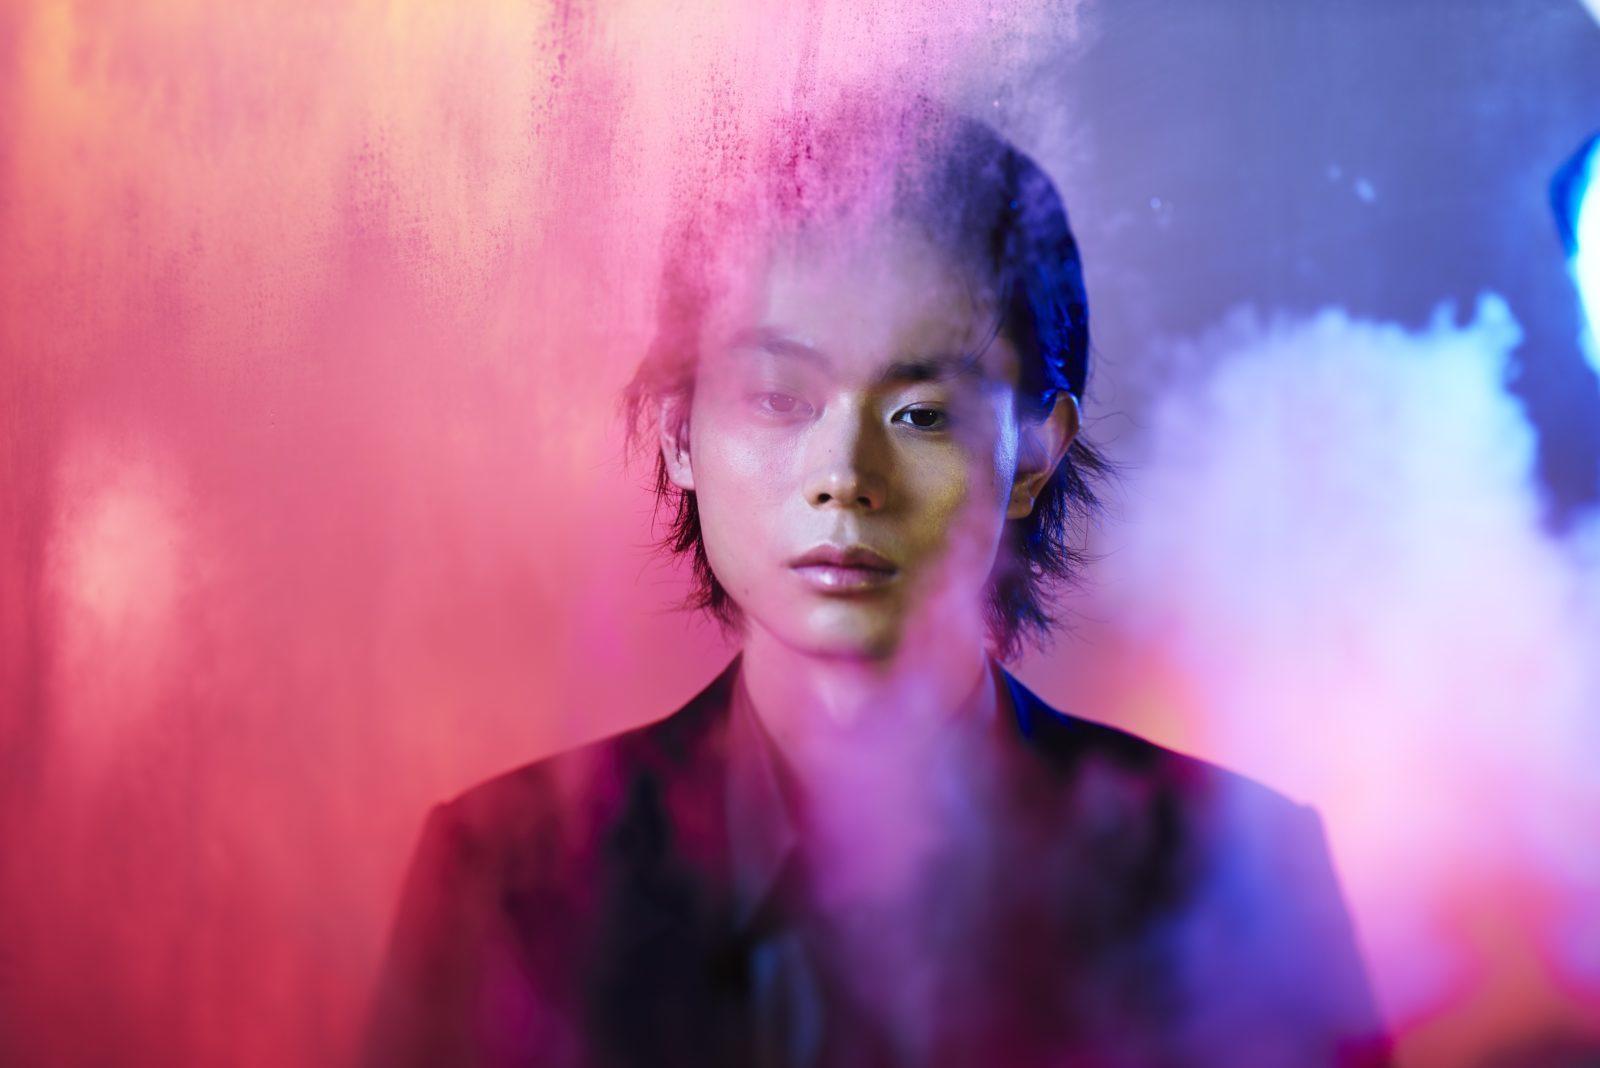 菅田将暉のANN、来週のゲスト解禁前に飛び交う予測「大物なのかな?」「私の予想は…」サムネイル画像!